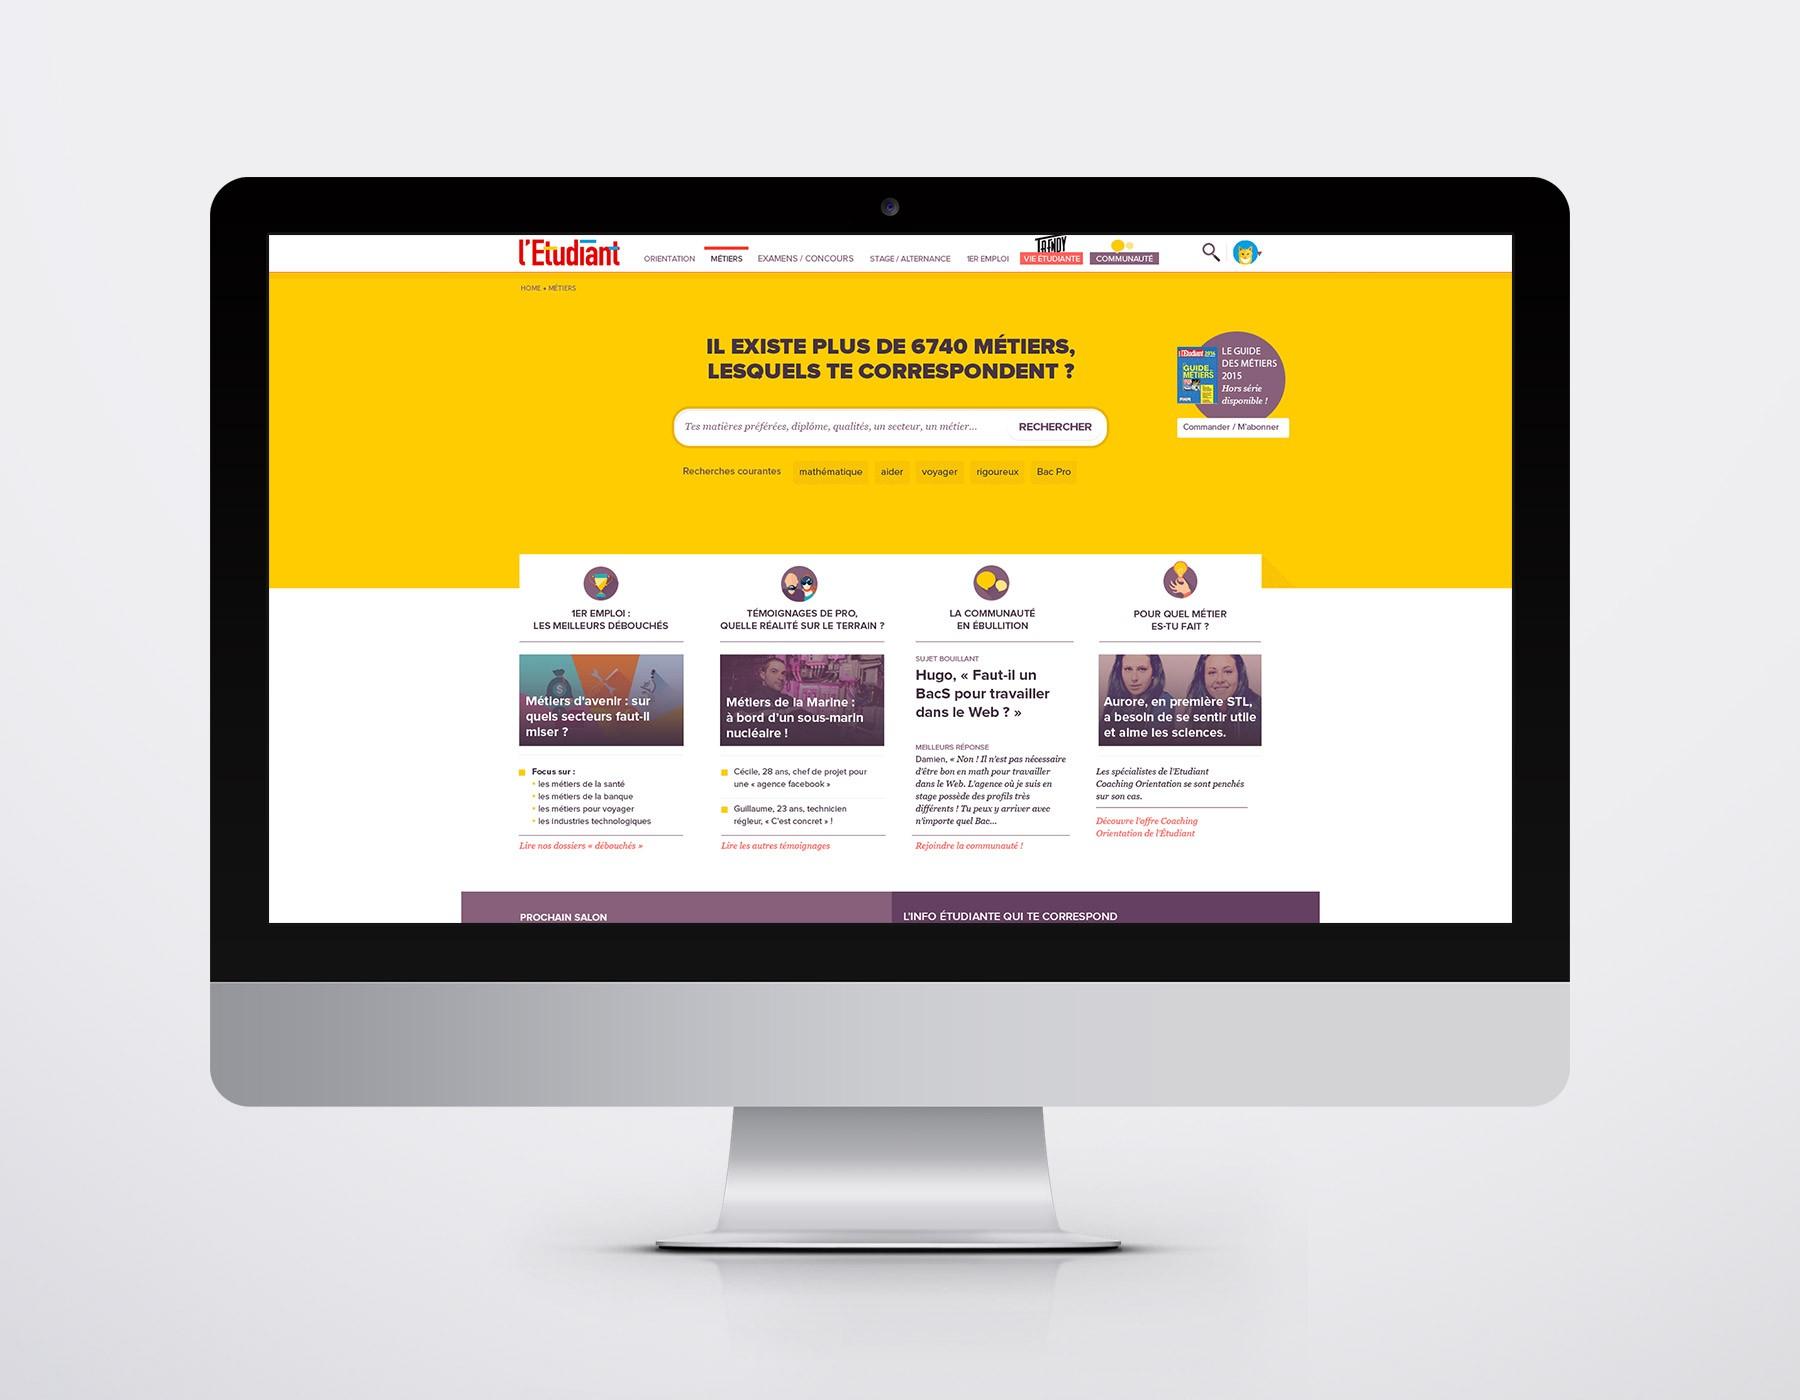 L'Étudiant.fr - service revamping